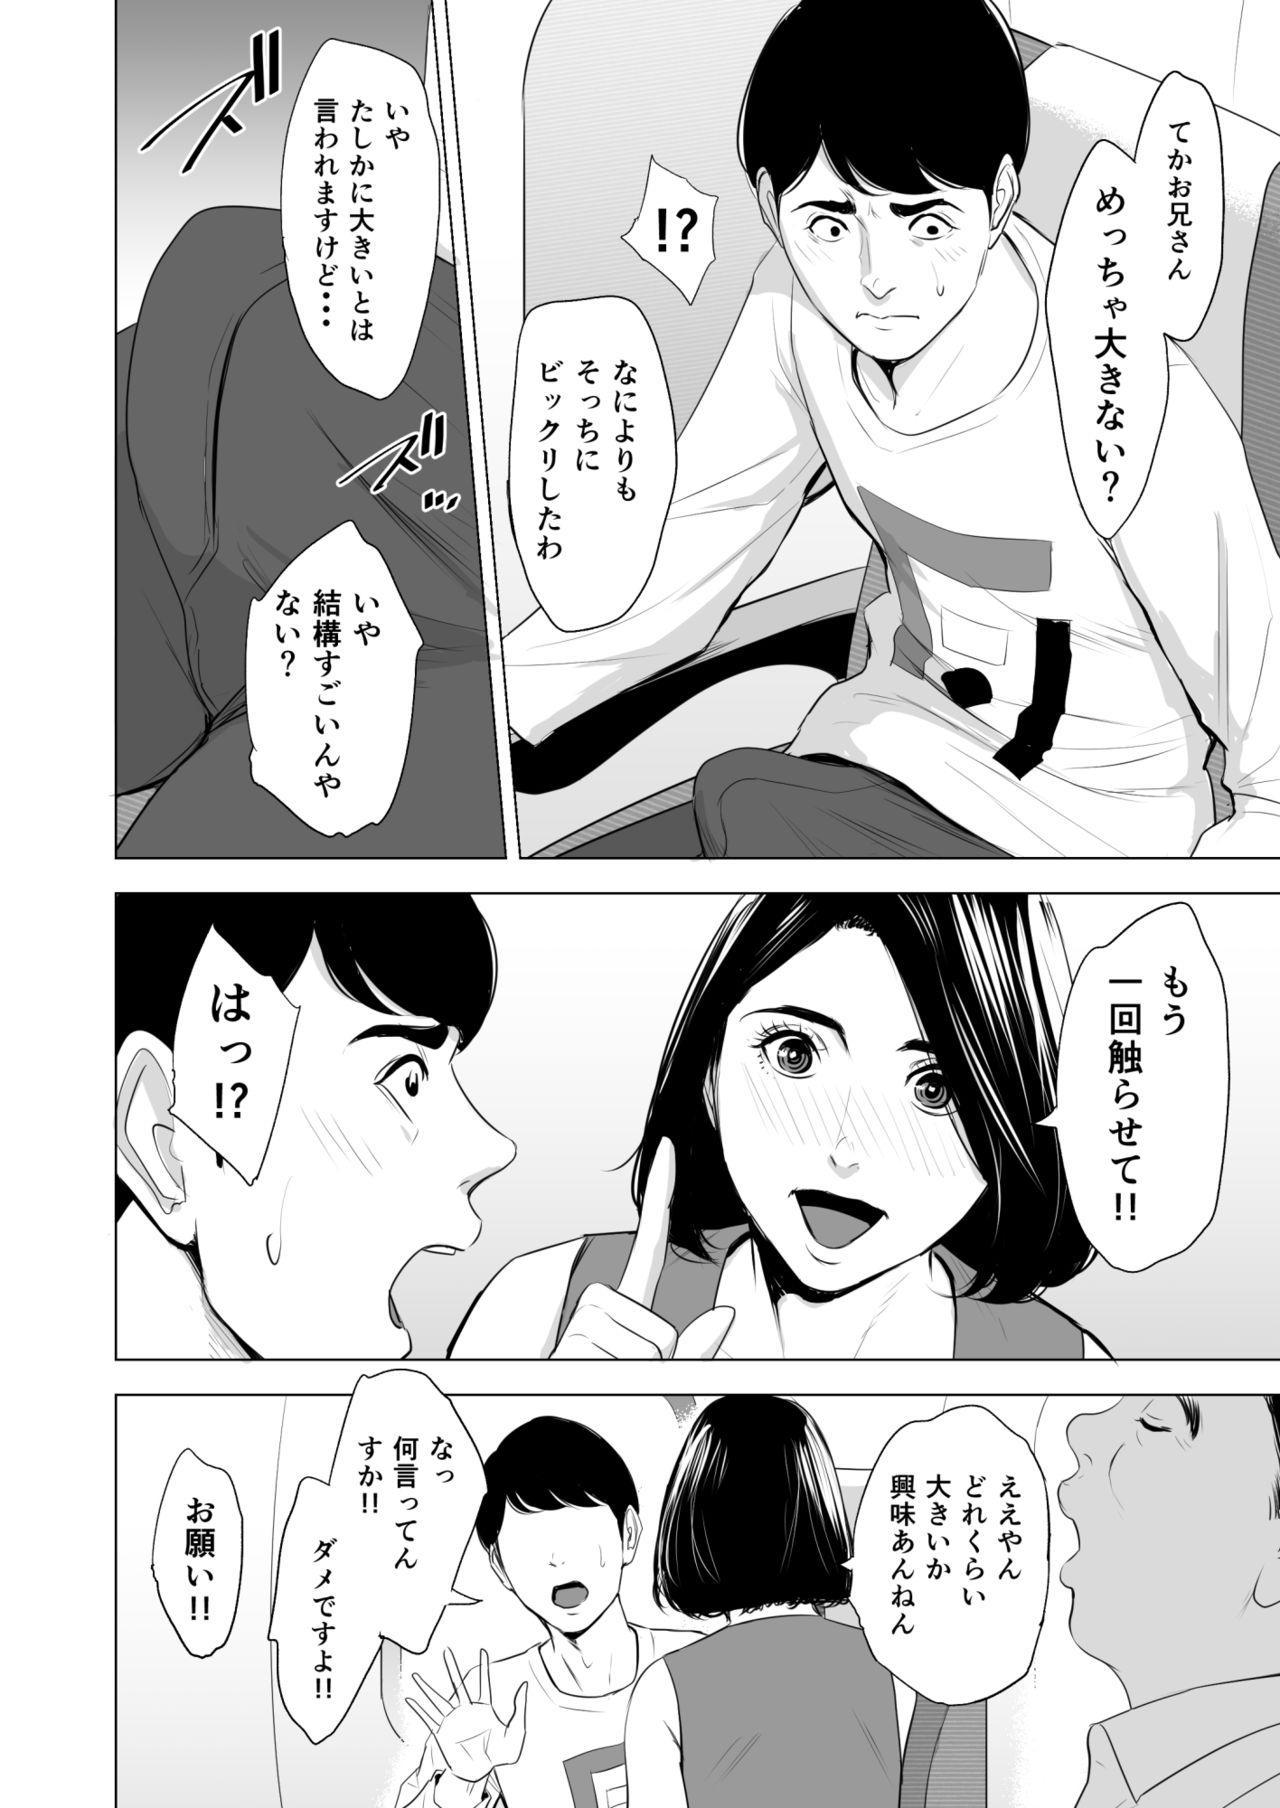 Shinkansen de Nani shiteru!? 13